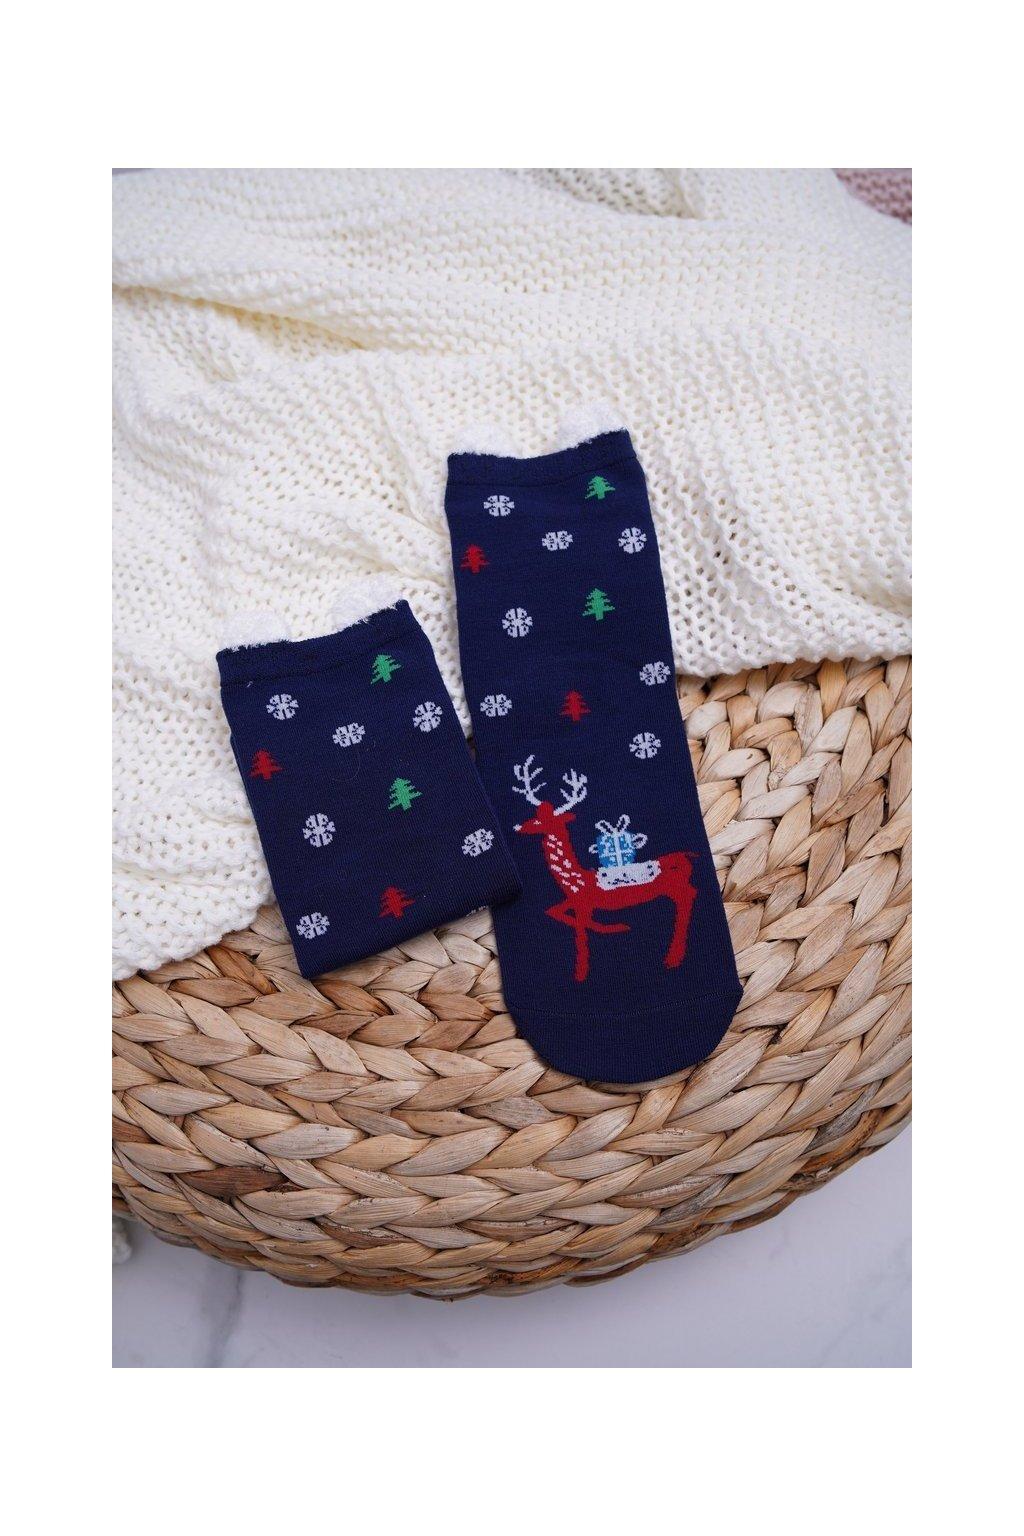 Dámske ponožky farba modrá kód DM-500 NAVY REINDEER